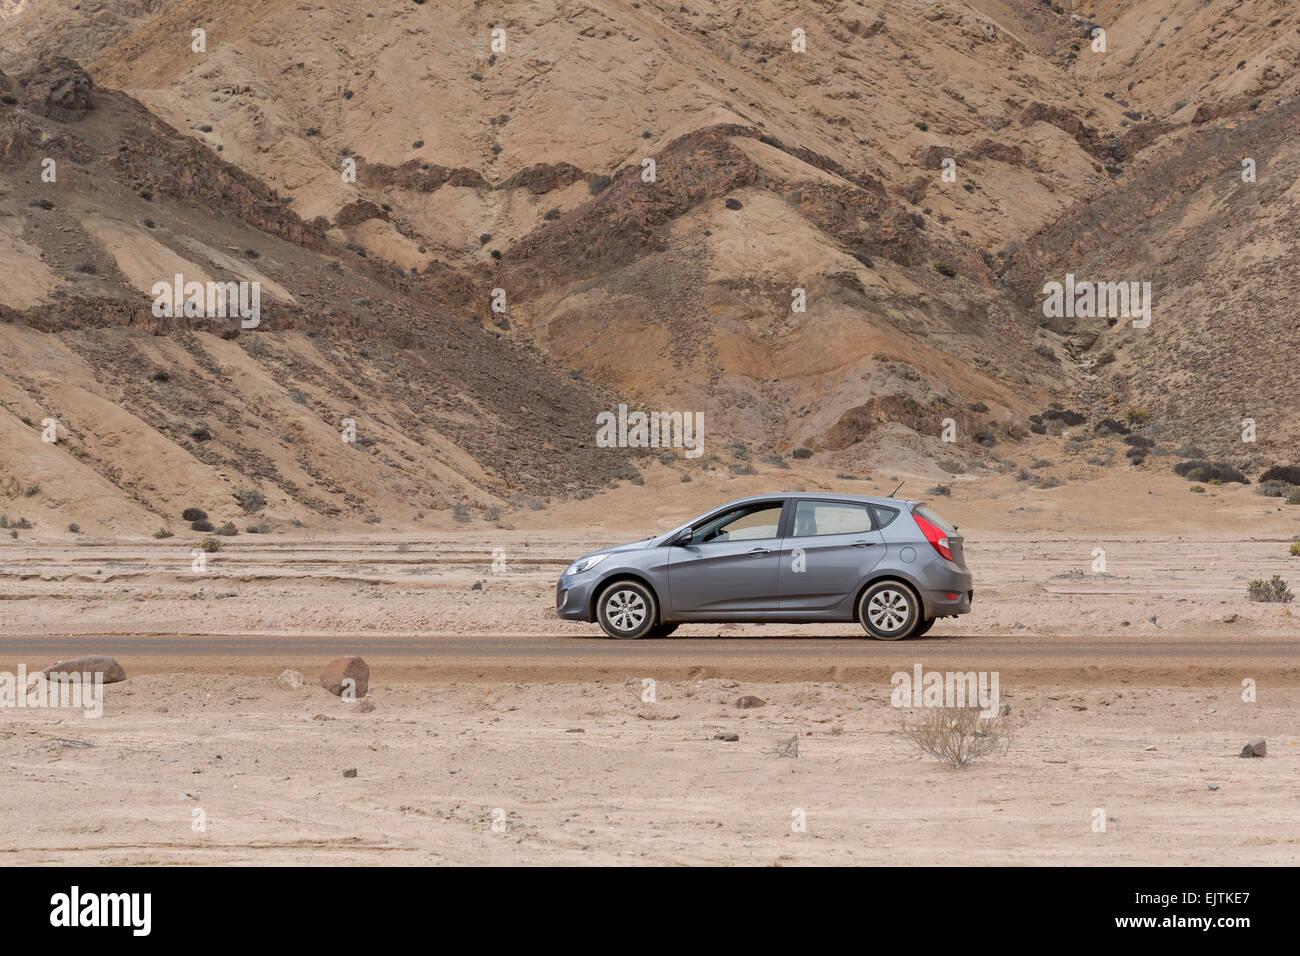 Hyundai Accent, 2014, il Deserto di Atacama, Cile Immagini Stock